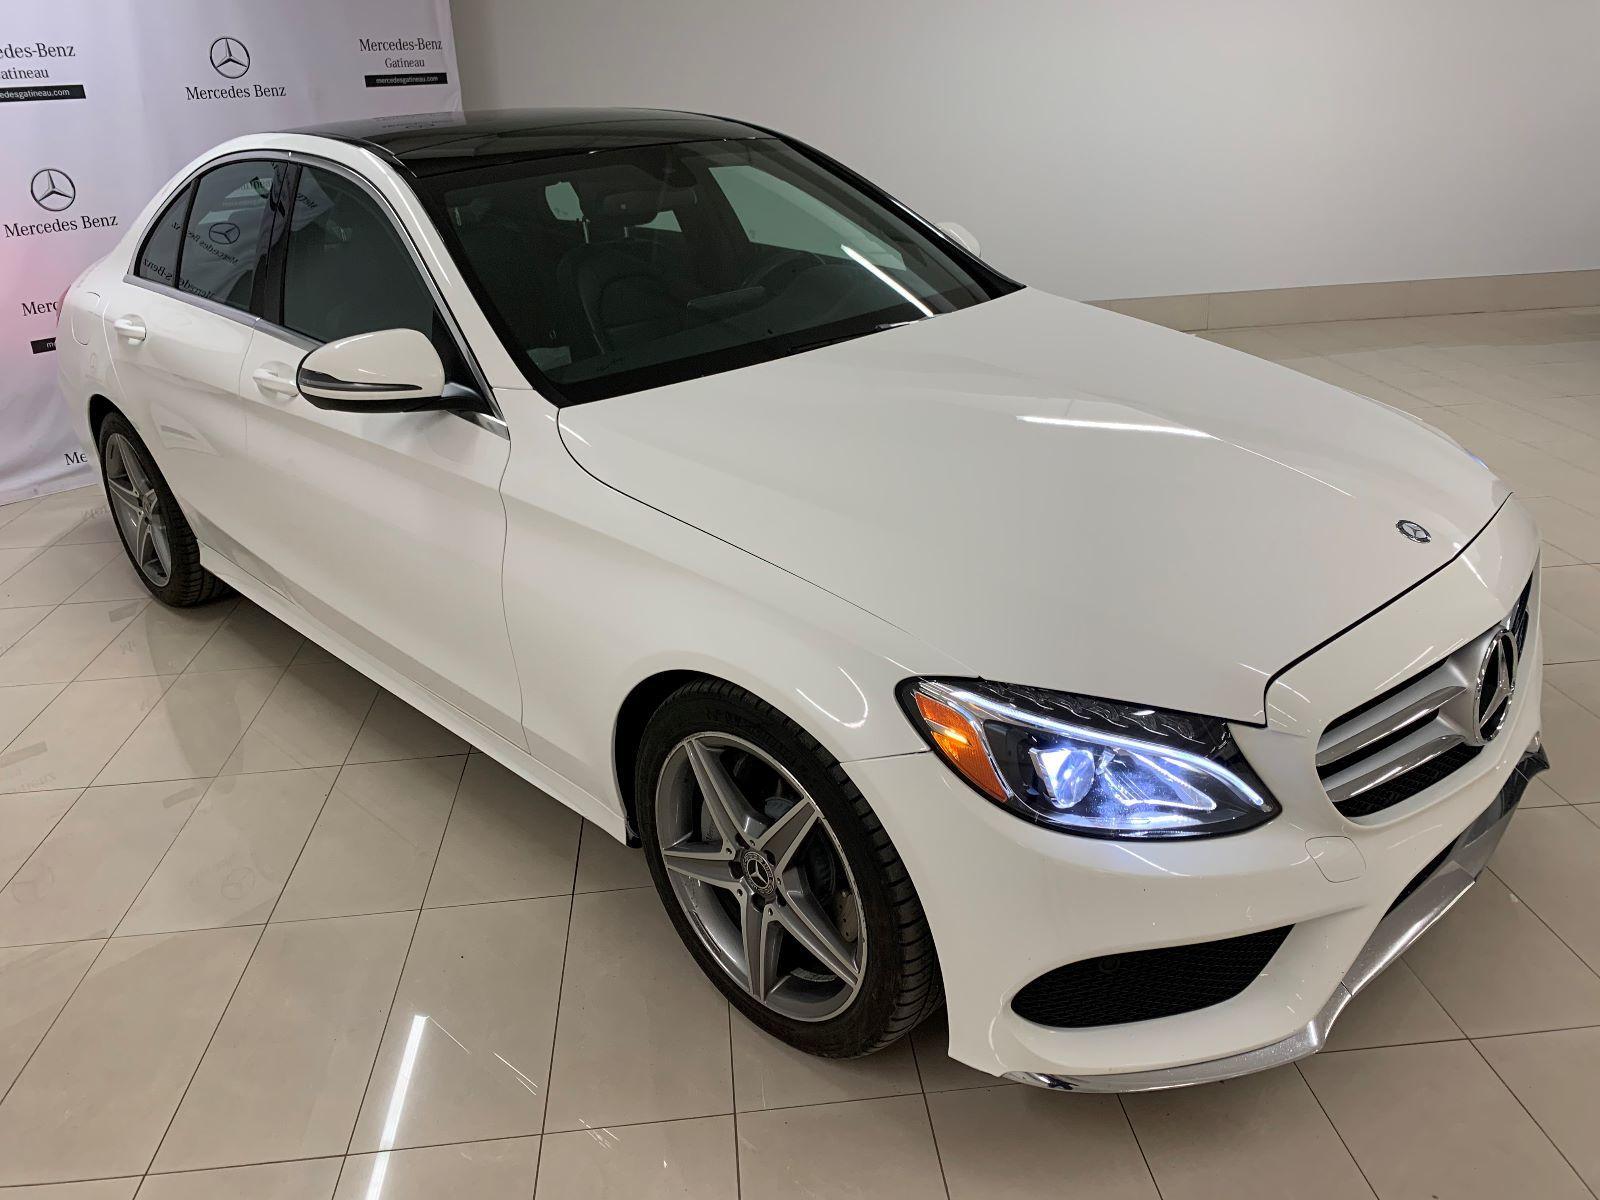 2017 Mercedes-Benz C300 4MATIC Sedan d'occasion à vendre ...